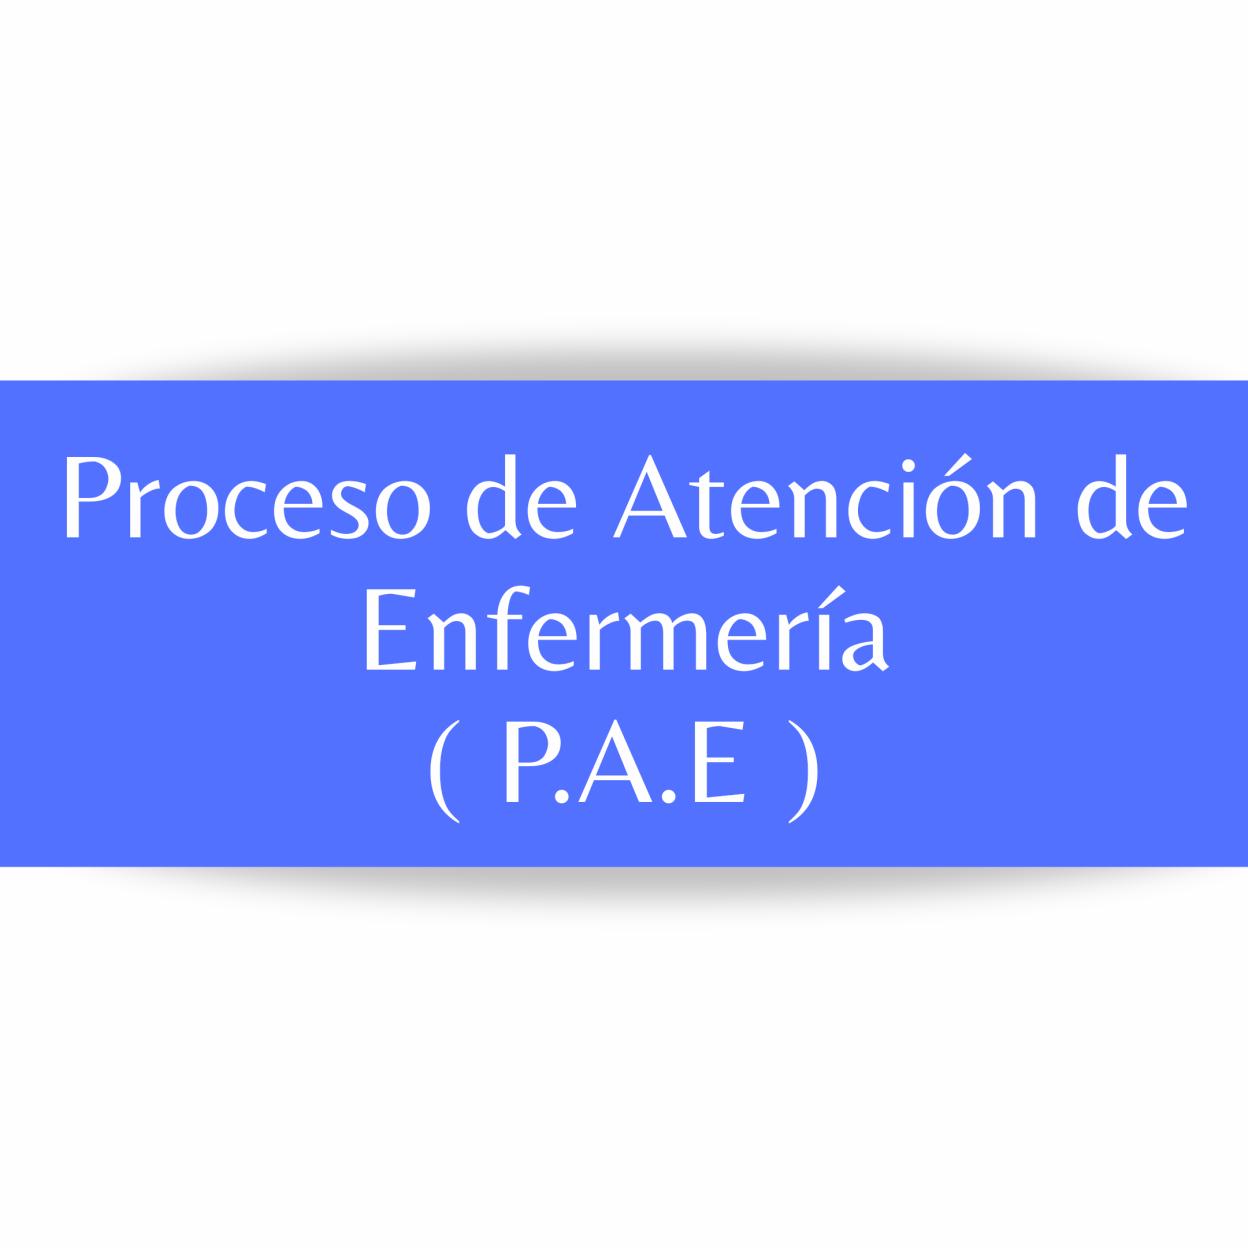 ElProceso de Atención de Enfermería (PAE)es la aplicación del método científico en la práctica asistencial que nos permite a los profesionales prestar los cuidados que demandan el paciente, la familia y la comunidad de una forma estructurada, homogénea, lógica y sistemática.